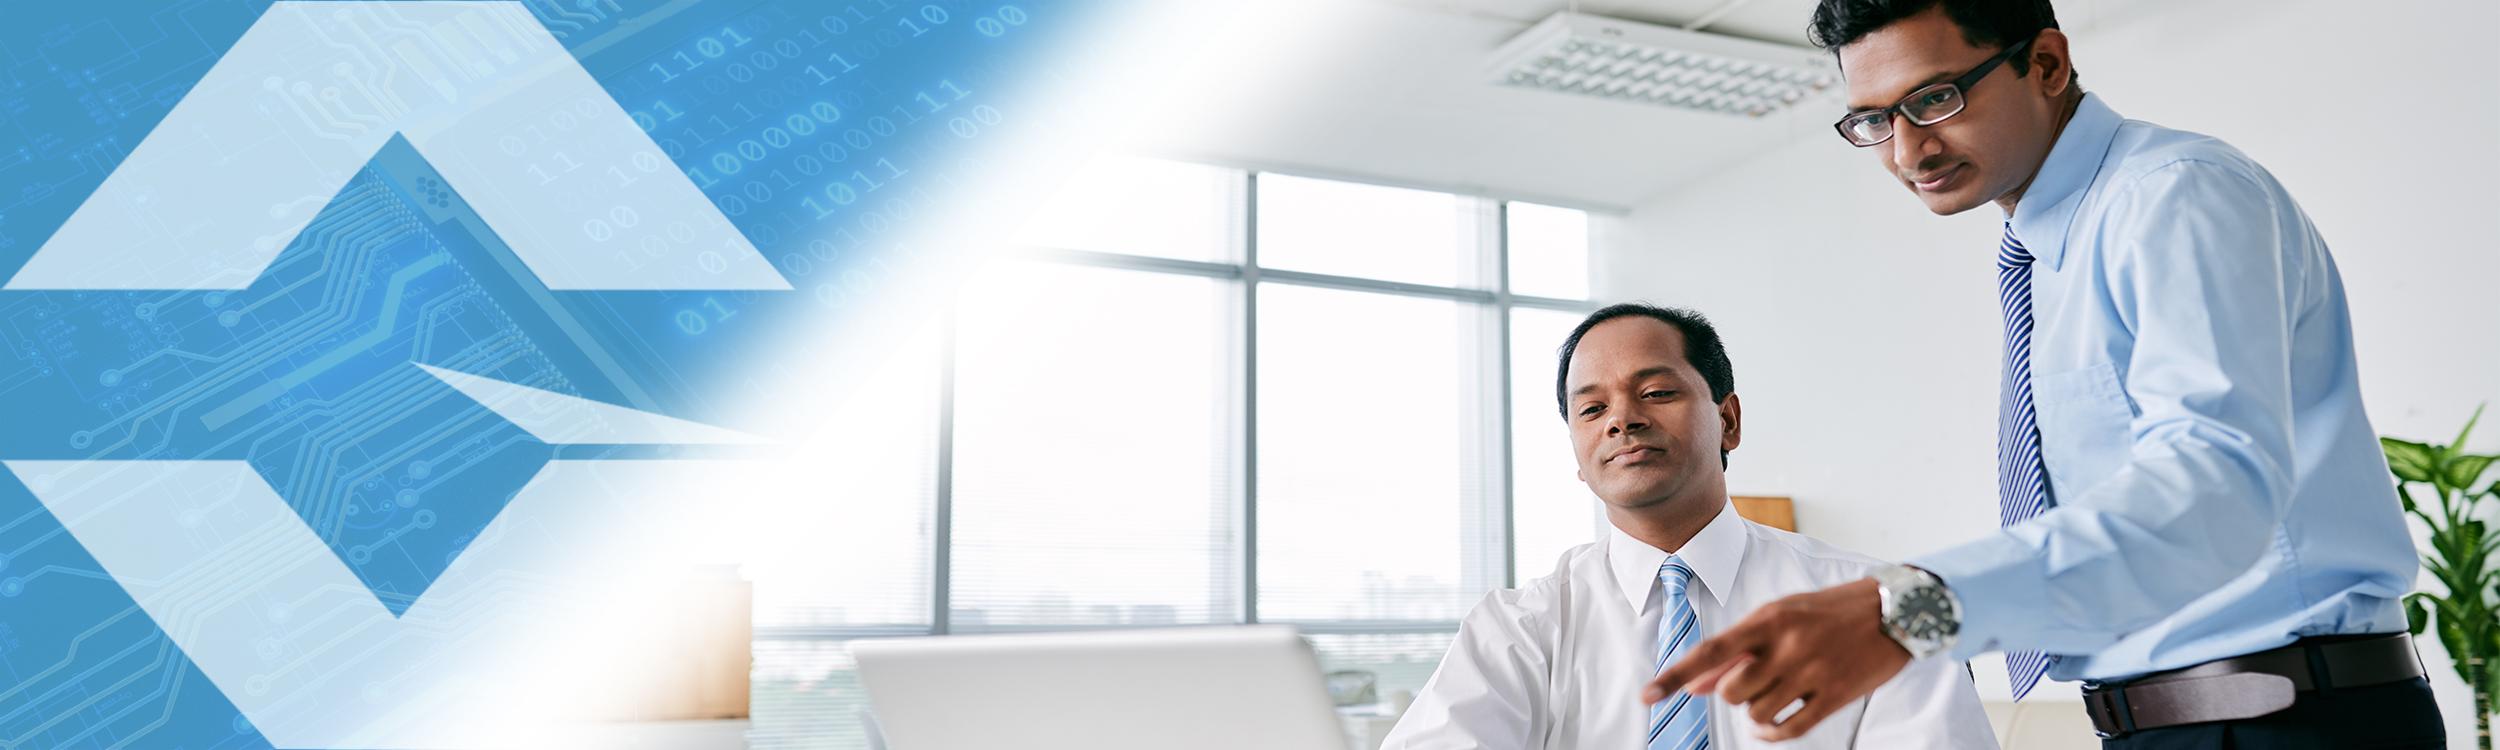 Gloresoft, Recruiting indische IT-Spezialisten; zwei indische Männer im Büro. Einer steht und zeigt dem anderen etwas auf dem Computerbildschirm.